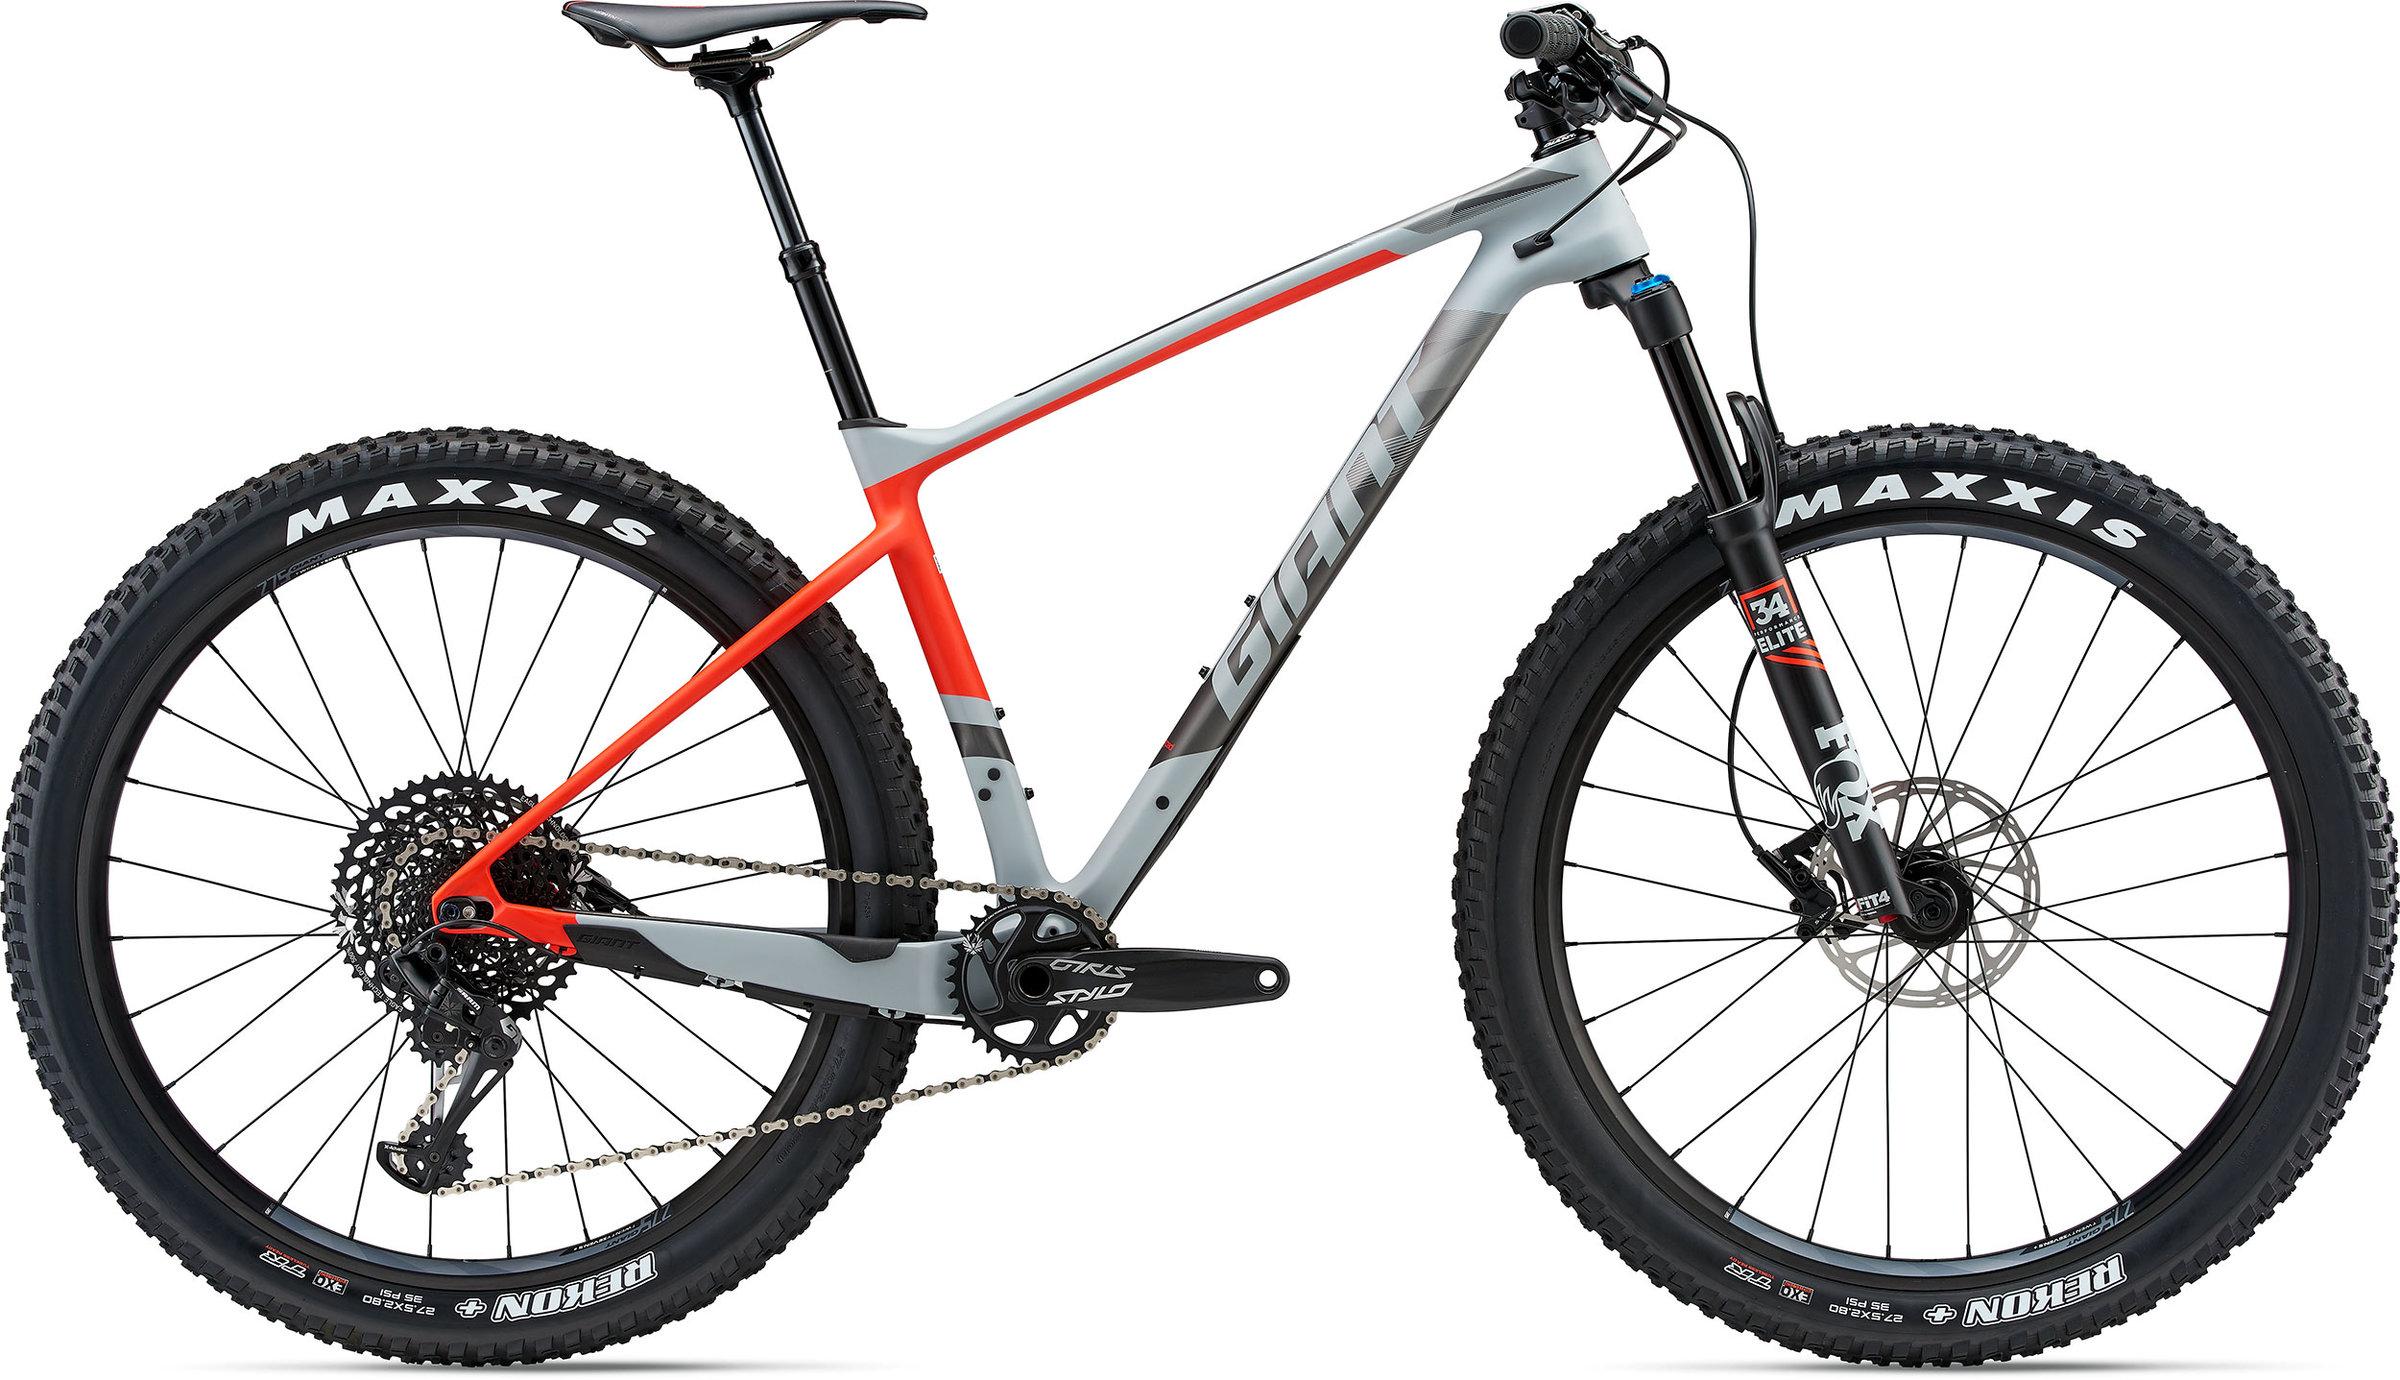 Giant Xtc Advanced 27 5 1 Bike One